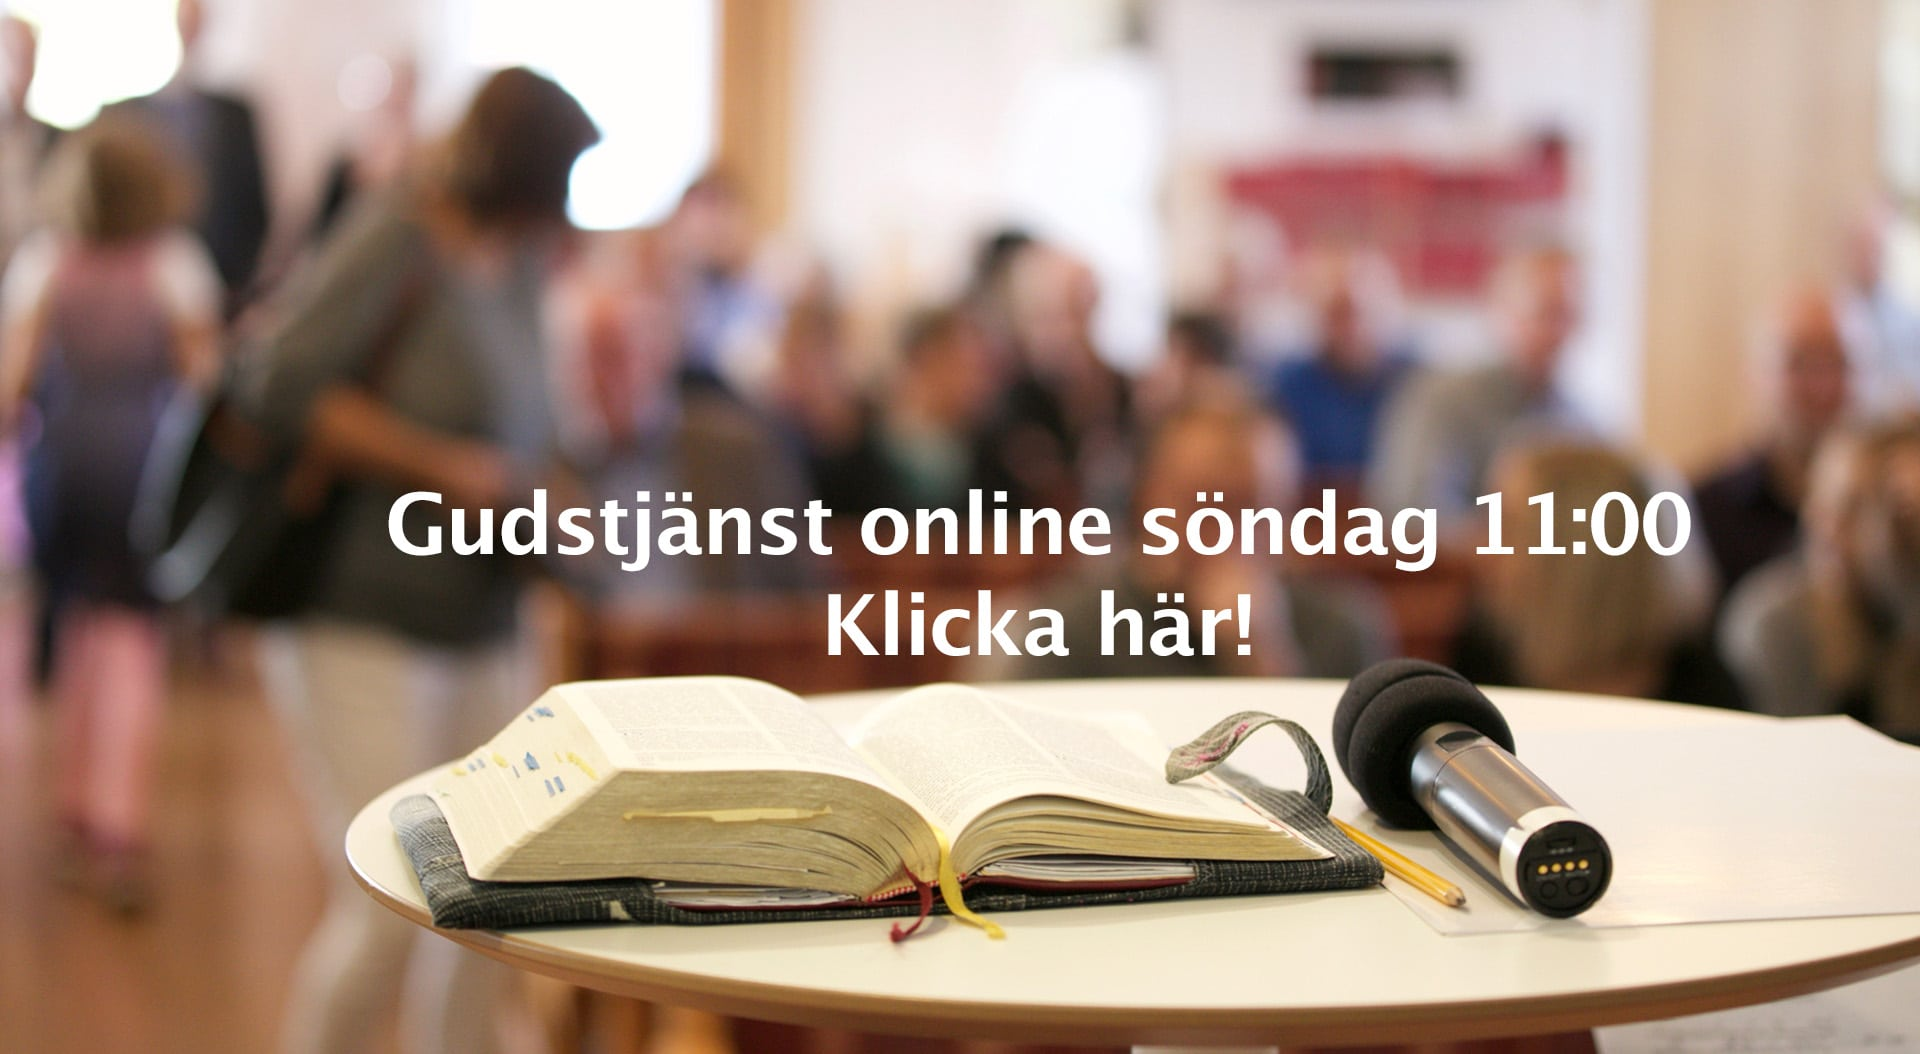 gudstjänst online söndag 11